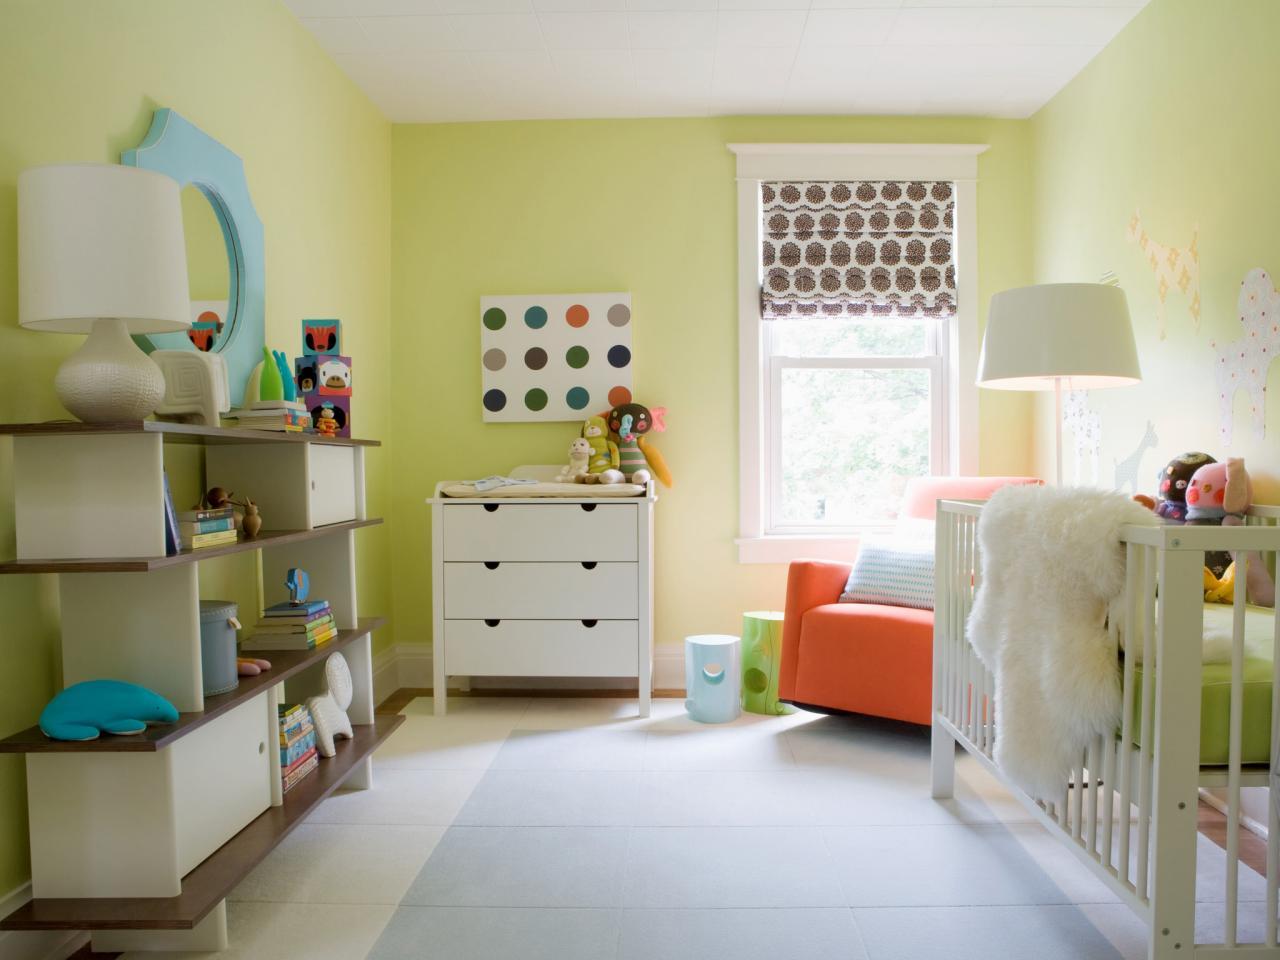 رنگ های ملایم مناسب اتاق کودک